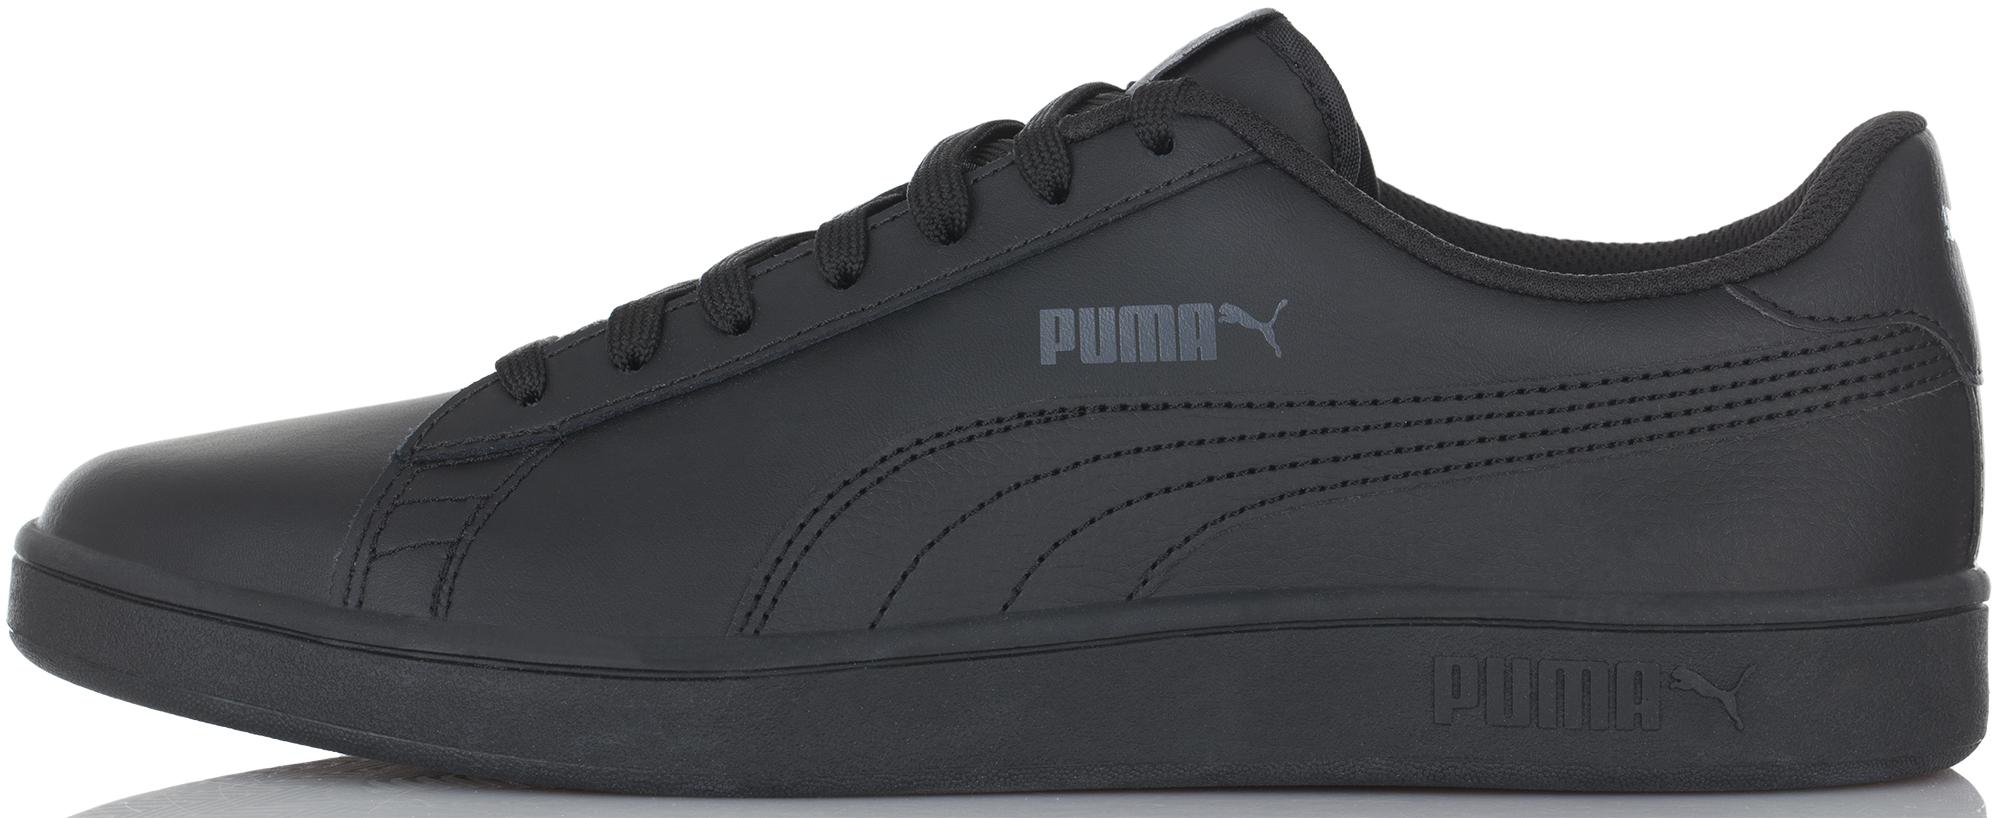 Puma Кеды мужские Puma Smash V2 L, размер 46 все цены